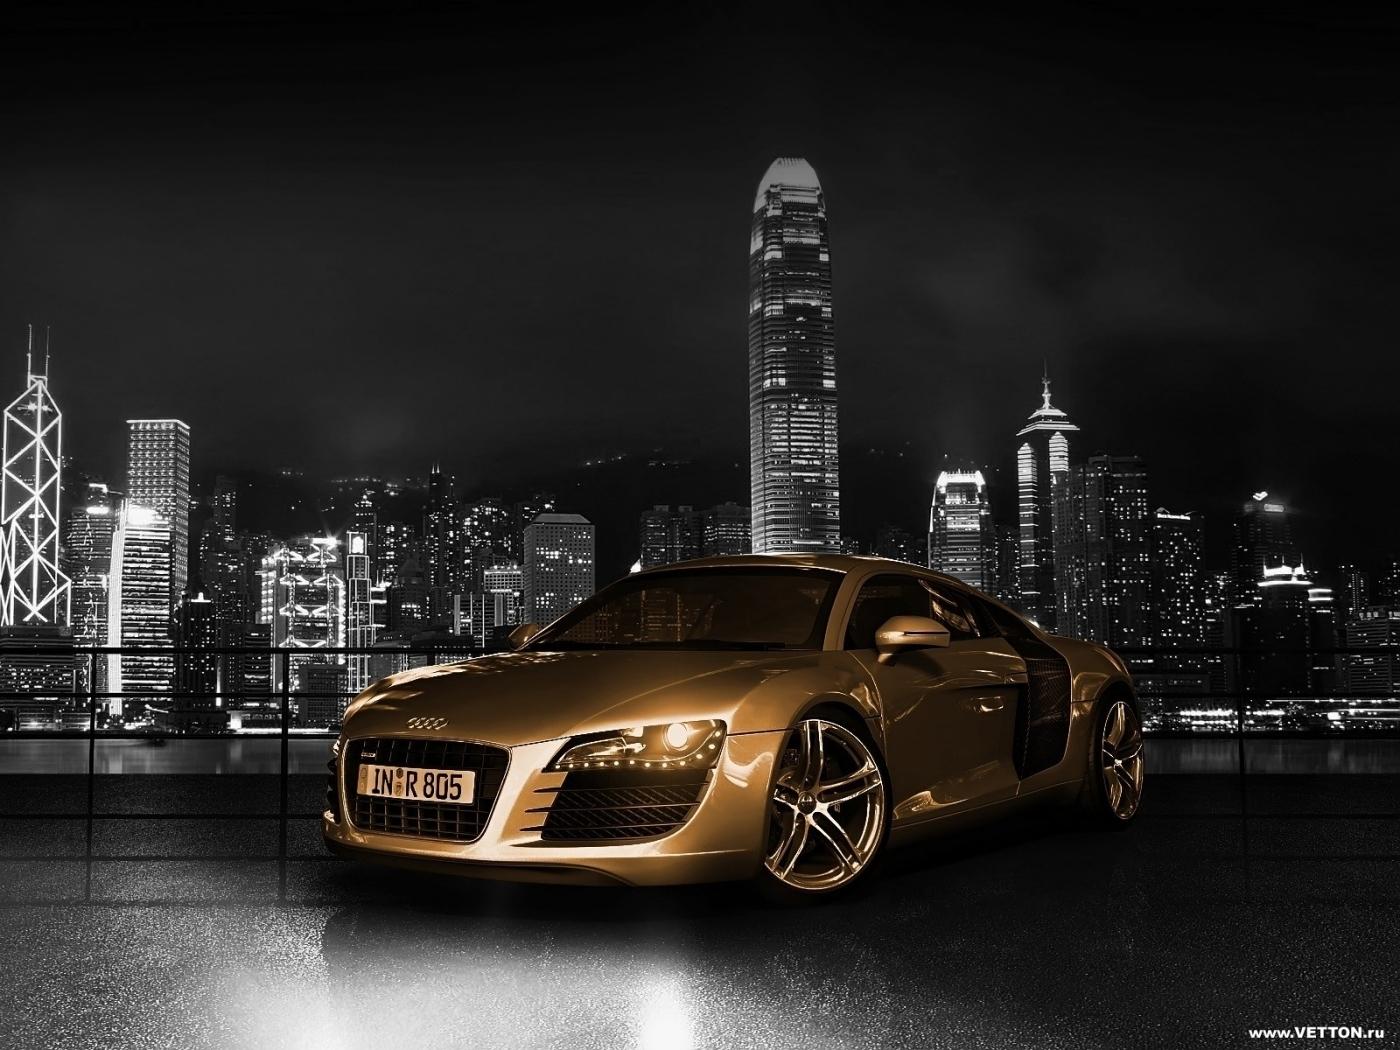 Скачать картинку Машины, Транспорт, Ауди (Audi) в телефон бесплатно.